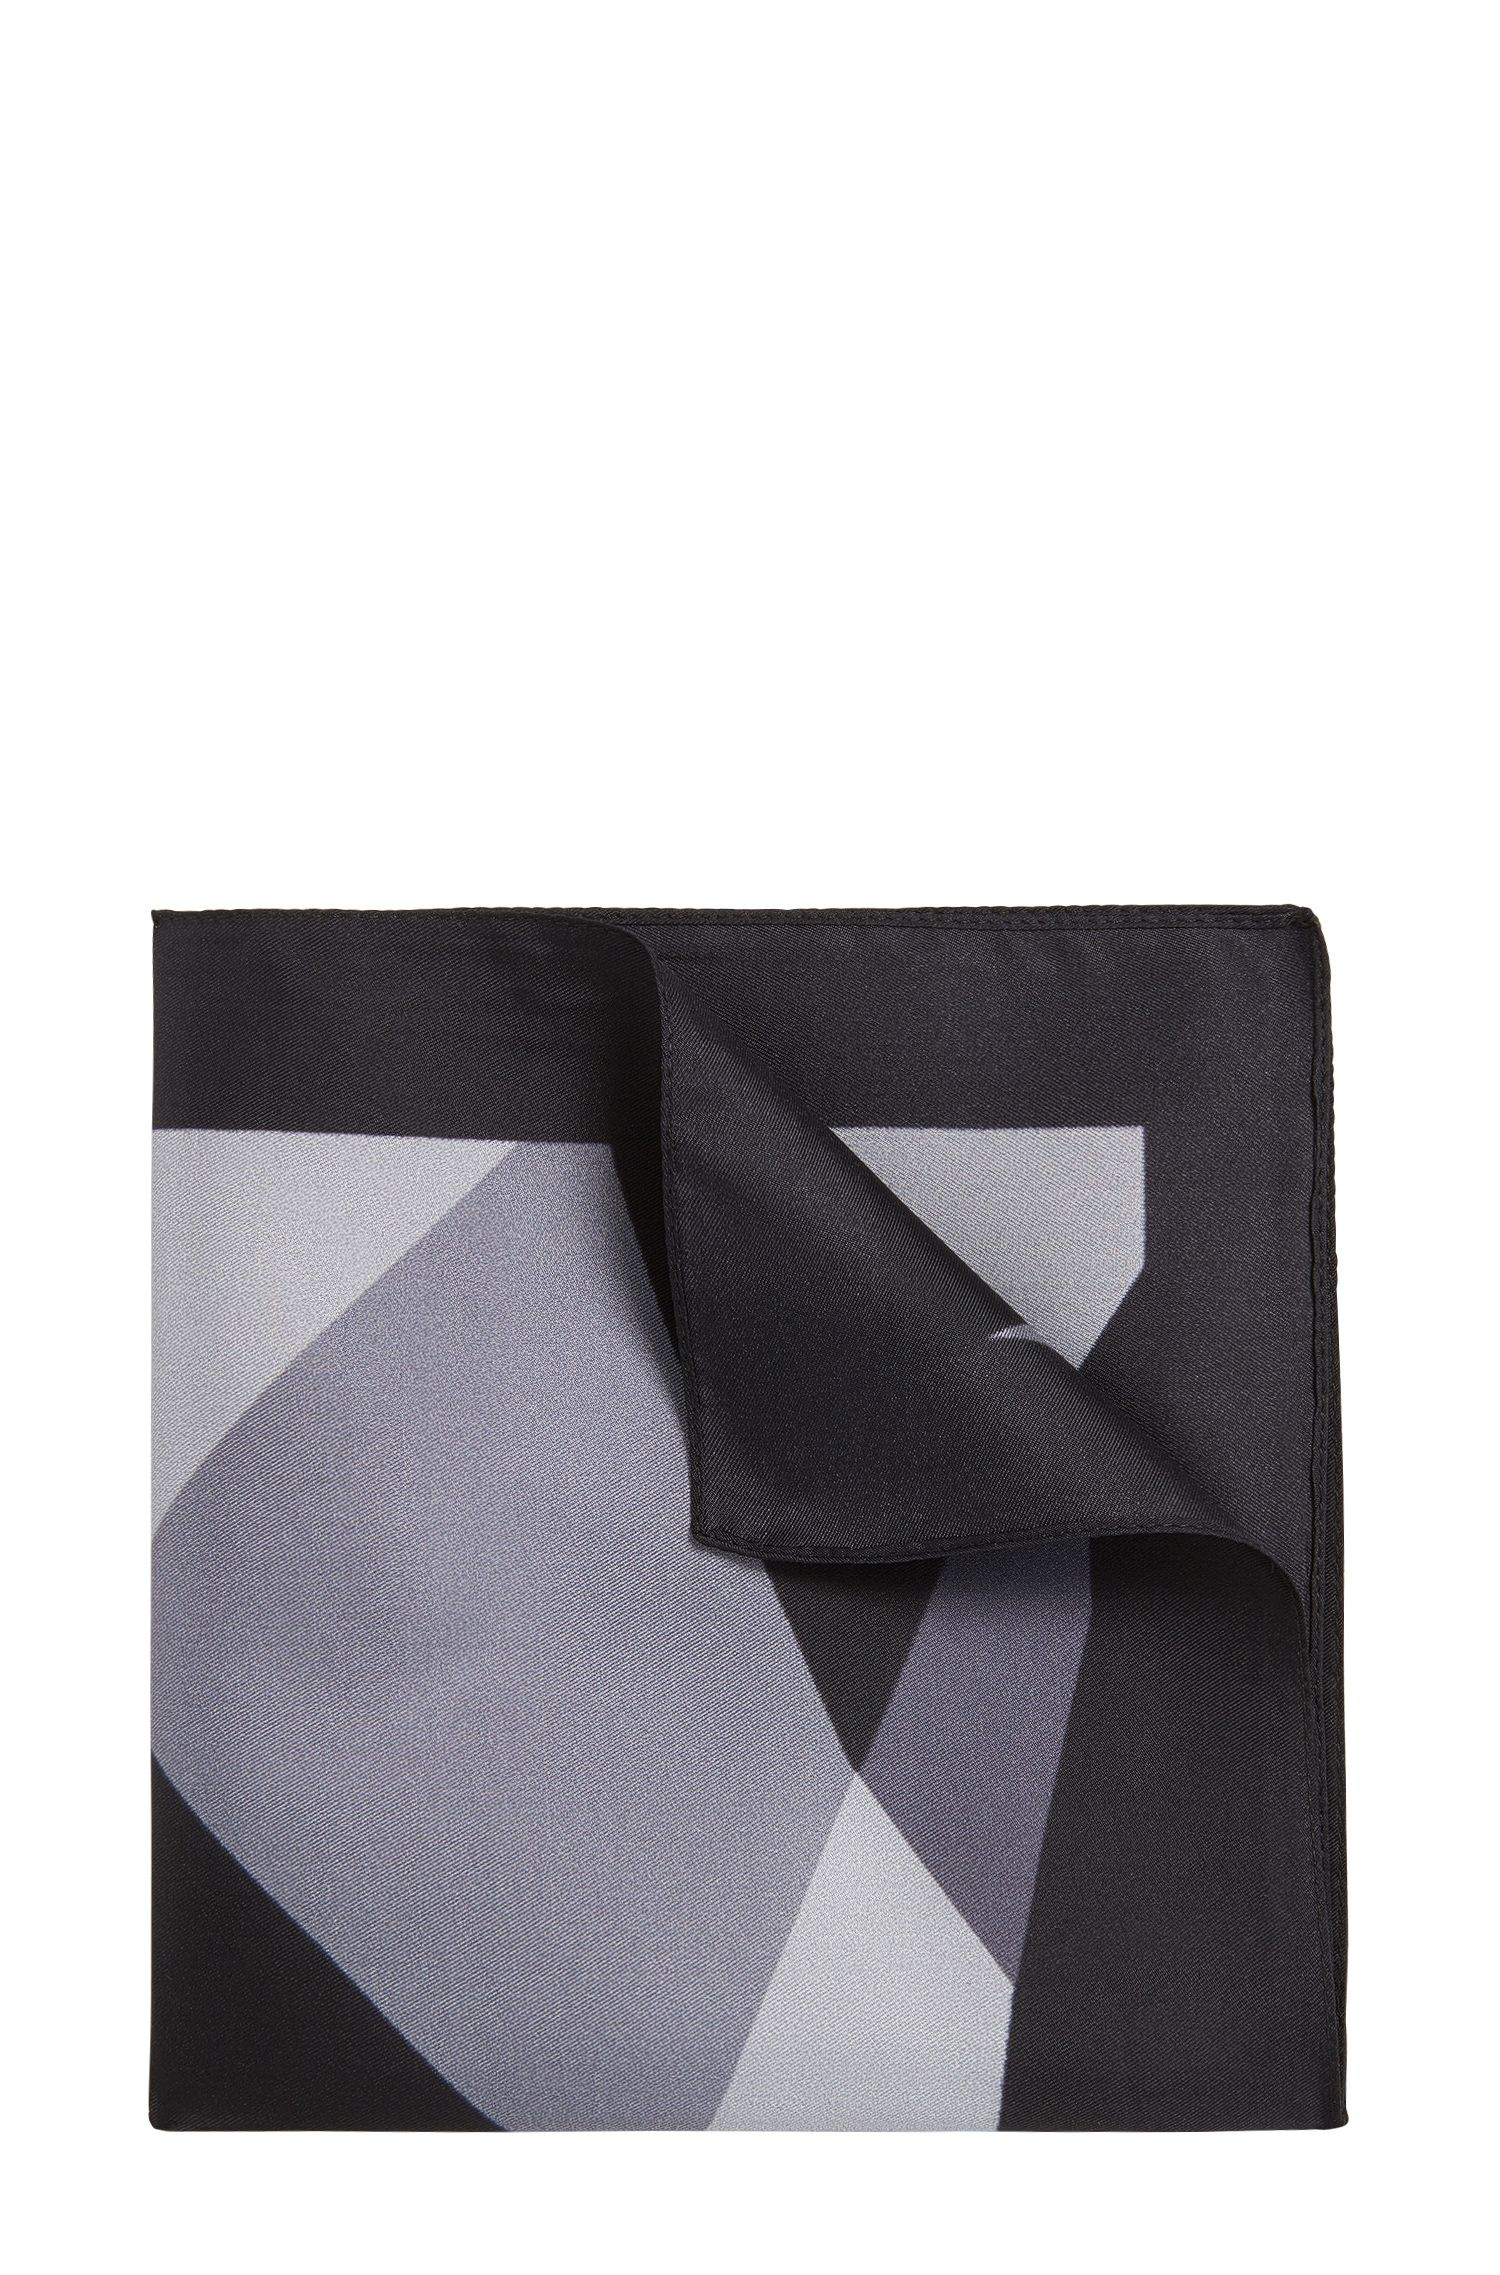 Pañuelo de bolsillo estampado en seda: 'Pocket sq. 33x33 cm'